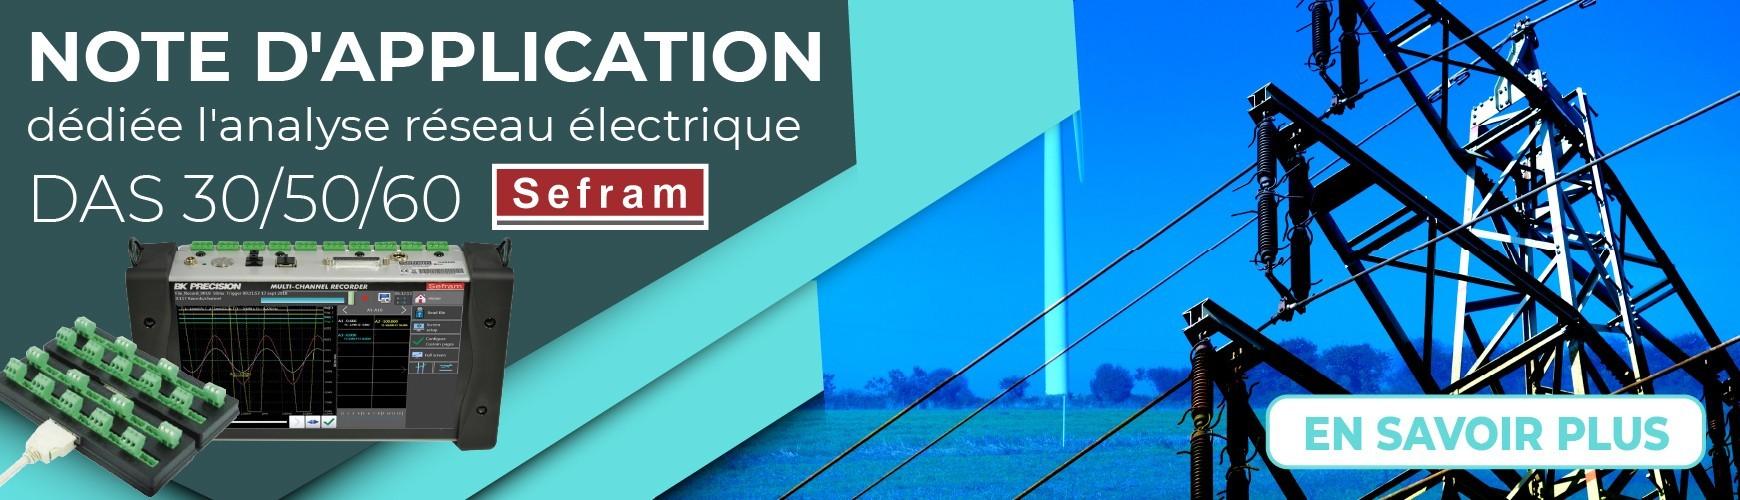 Note d'application : Analyse réseau électrique